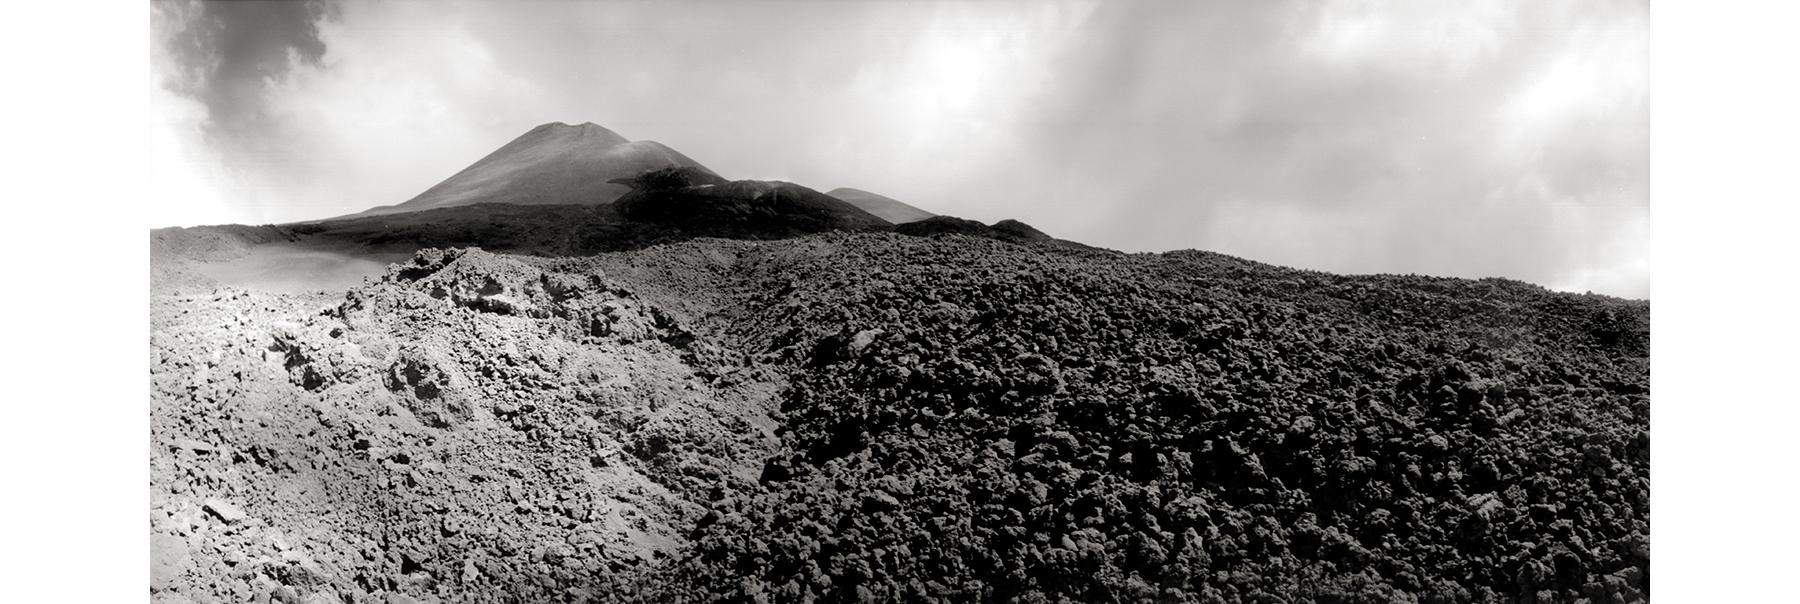 30_Sicily #42 M. etna Pano frame 33 C156286-7